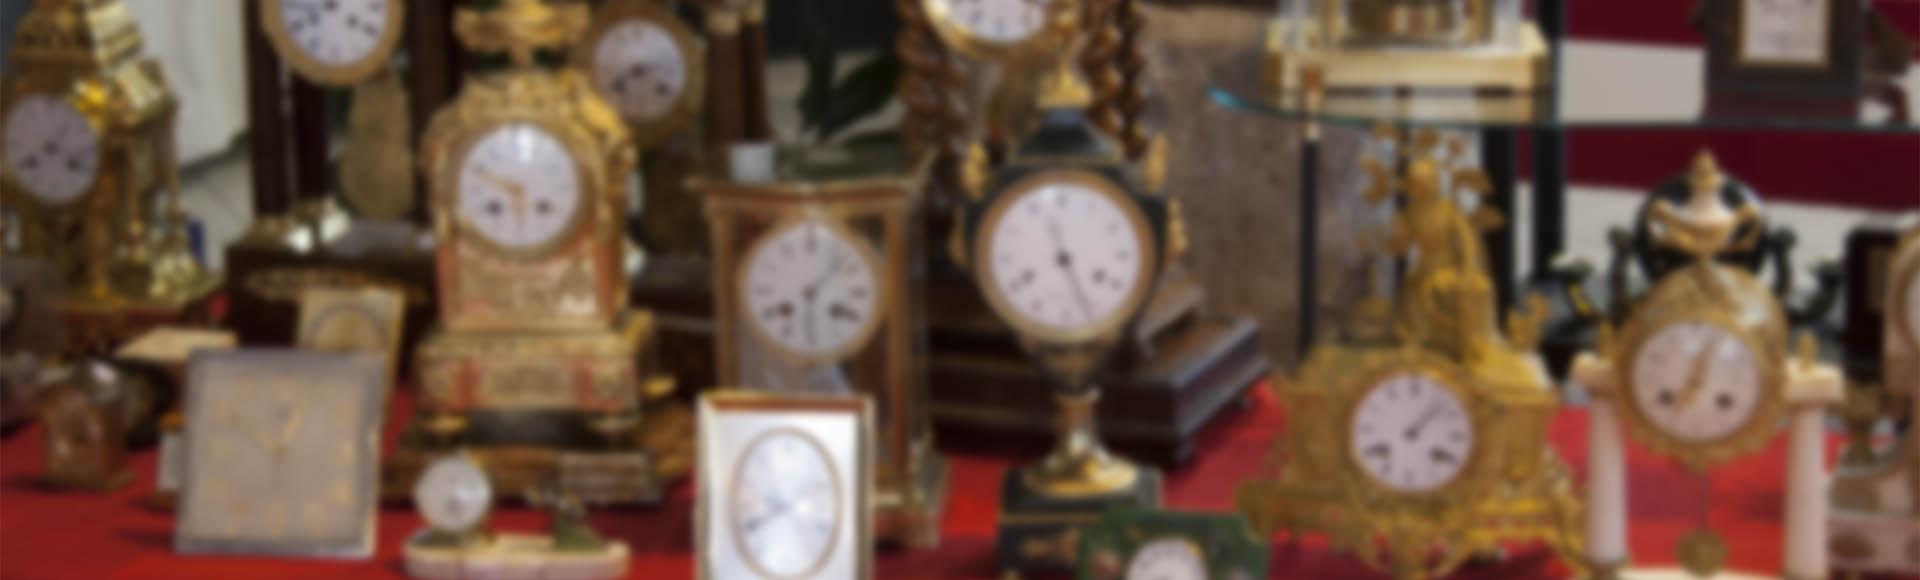 Des horloges